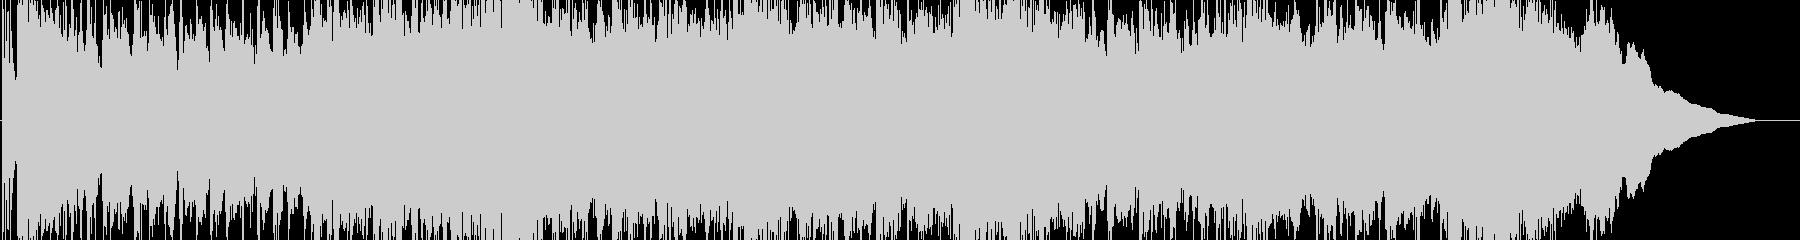 重くダークなメタルナンバーの未再生の波形